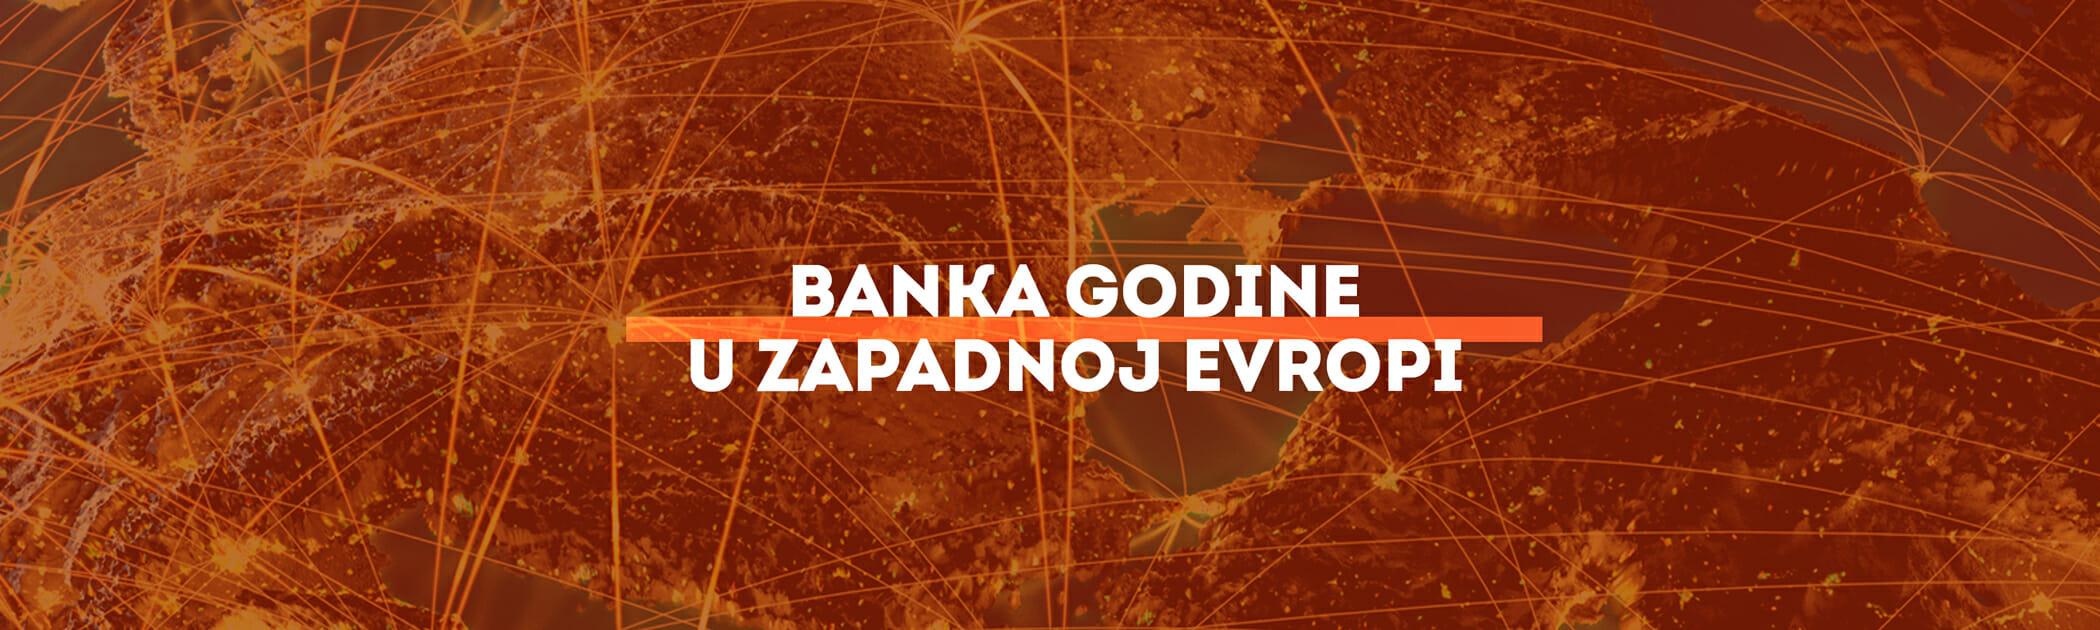 """THE BANKER AWARDS 2020: INTESA SANPAOLO PROGLAŠENA """"BANKOM GODINE U ZAPADNOJ EVROPI"""" I """"BANKOM GODINE U ITALIJI"""""""